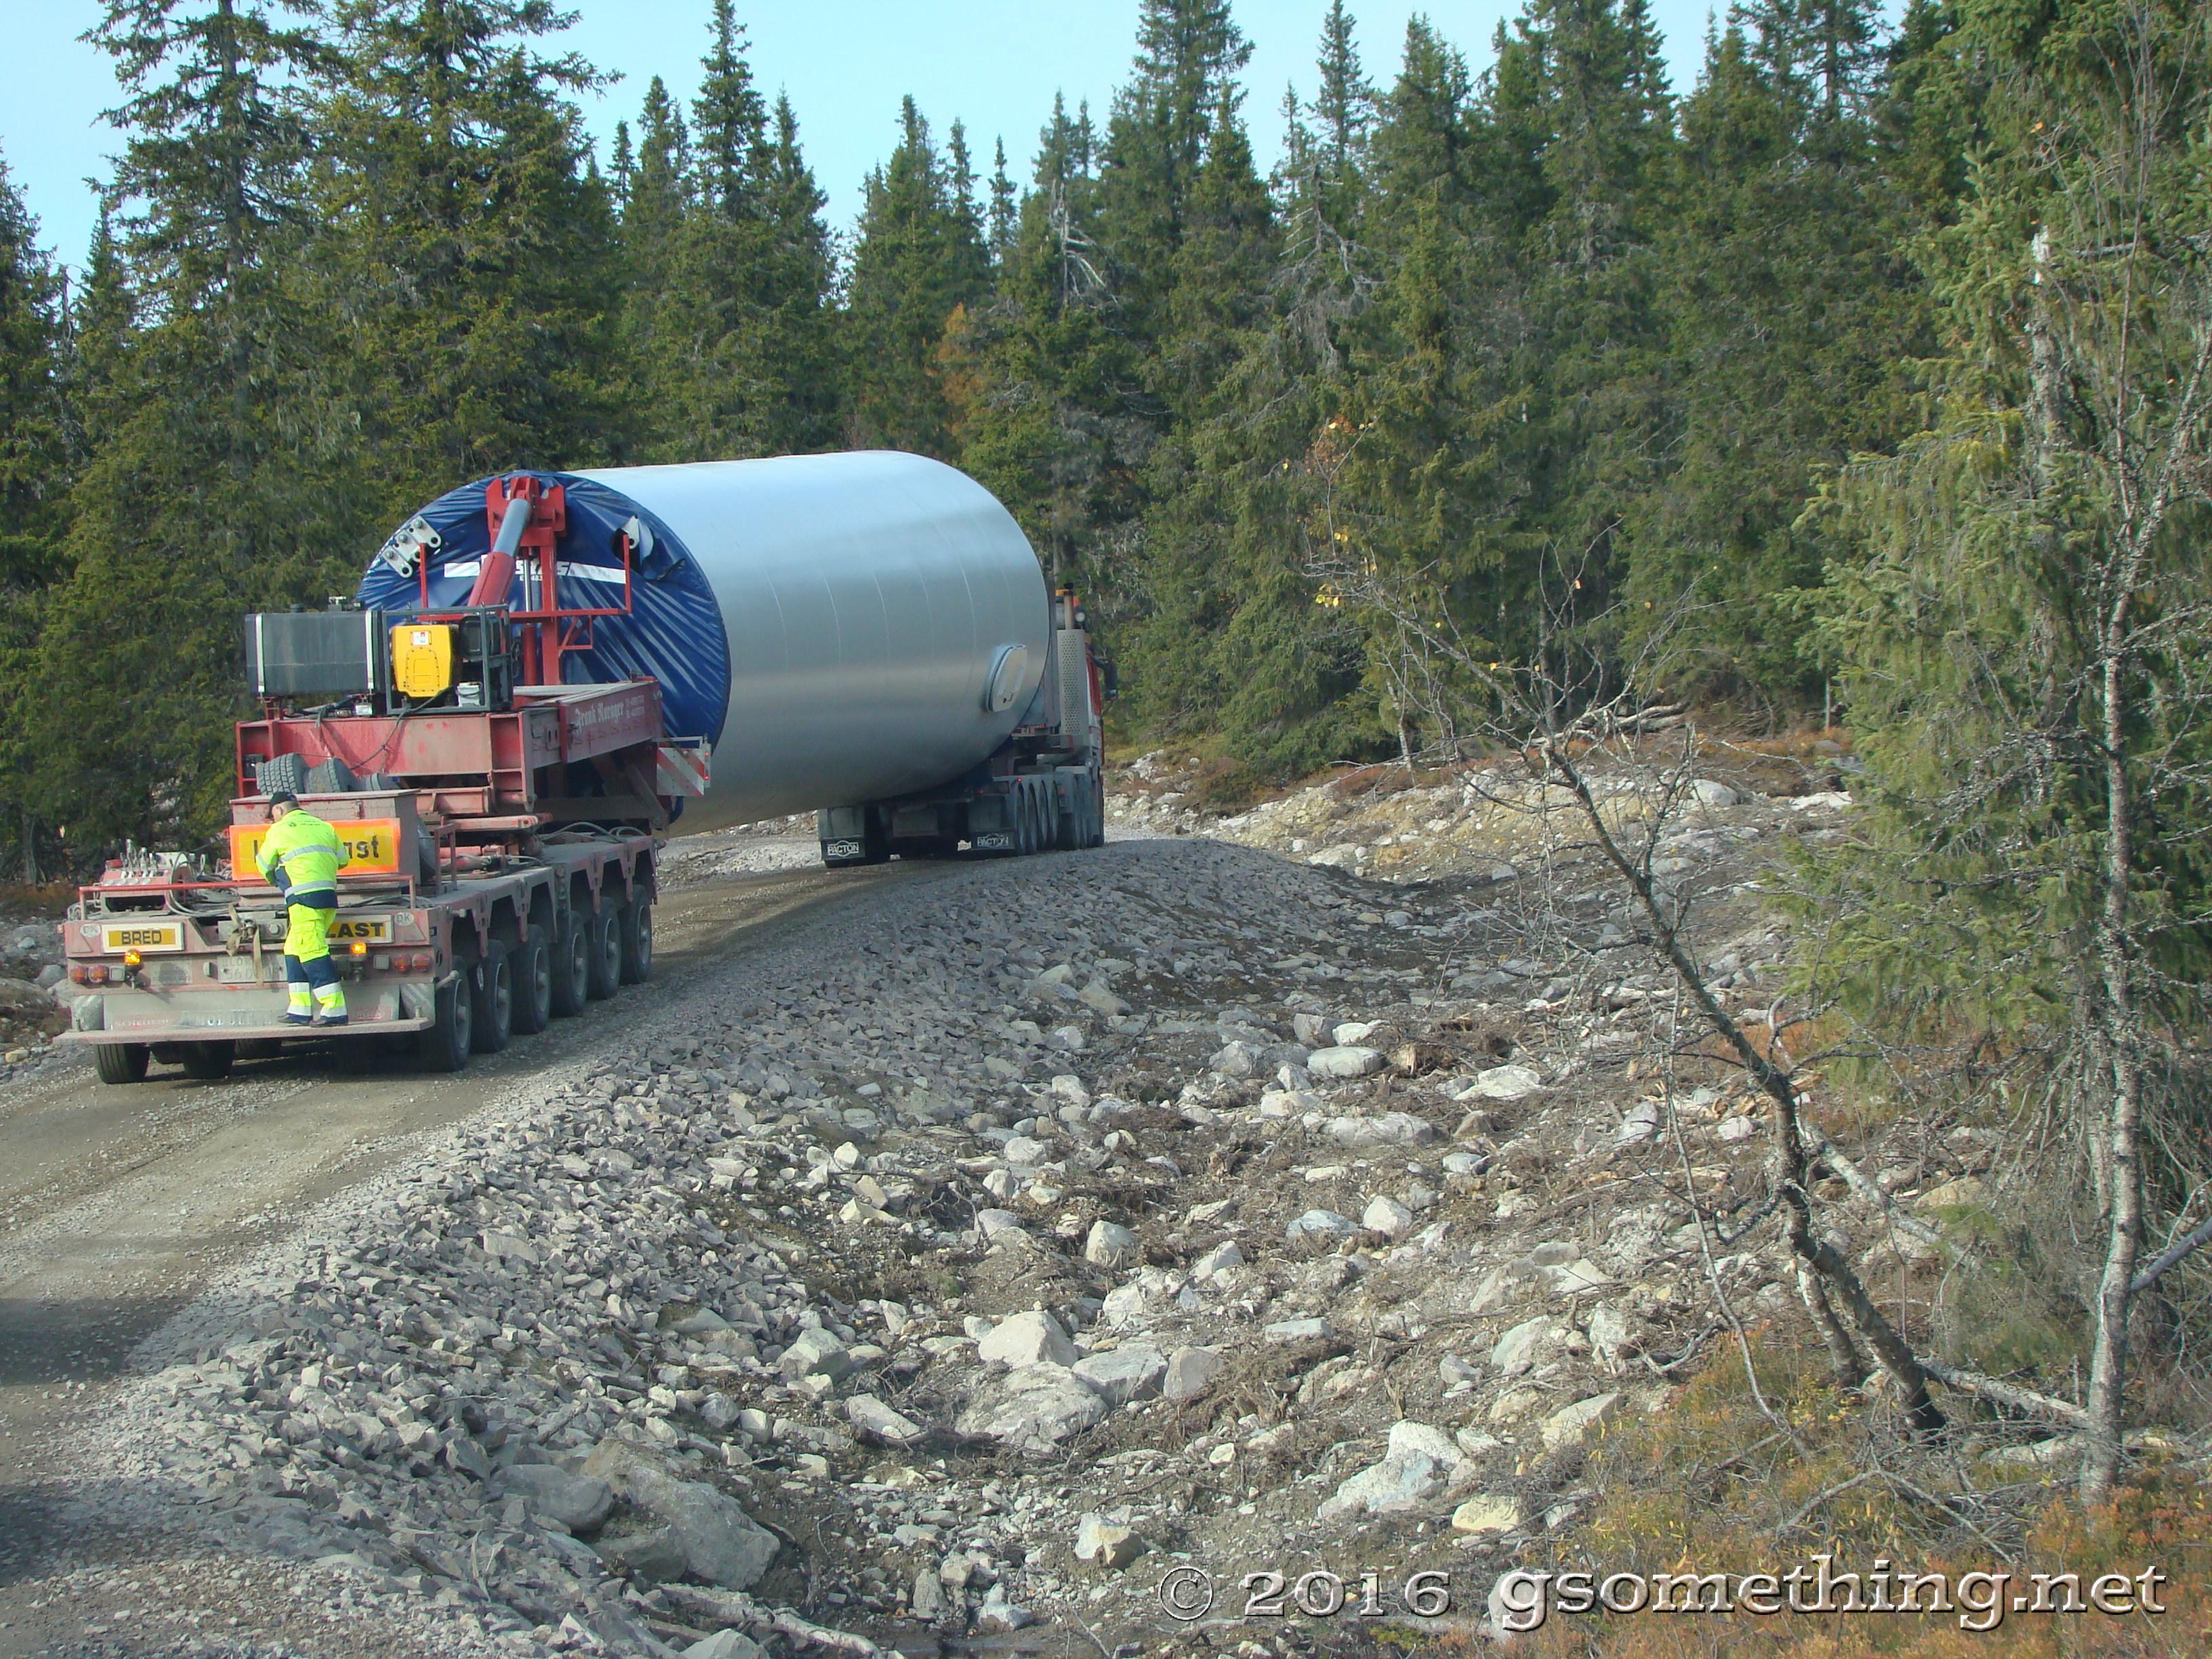 sweden_2008_92.jpg